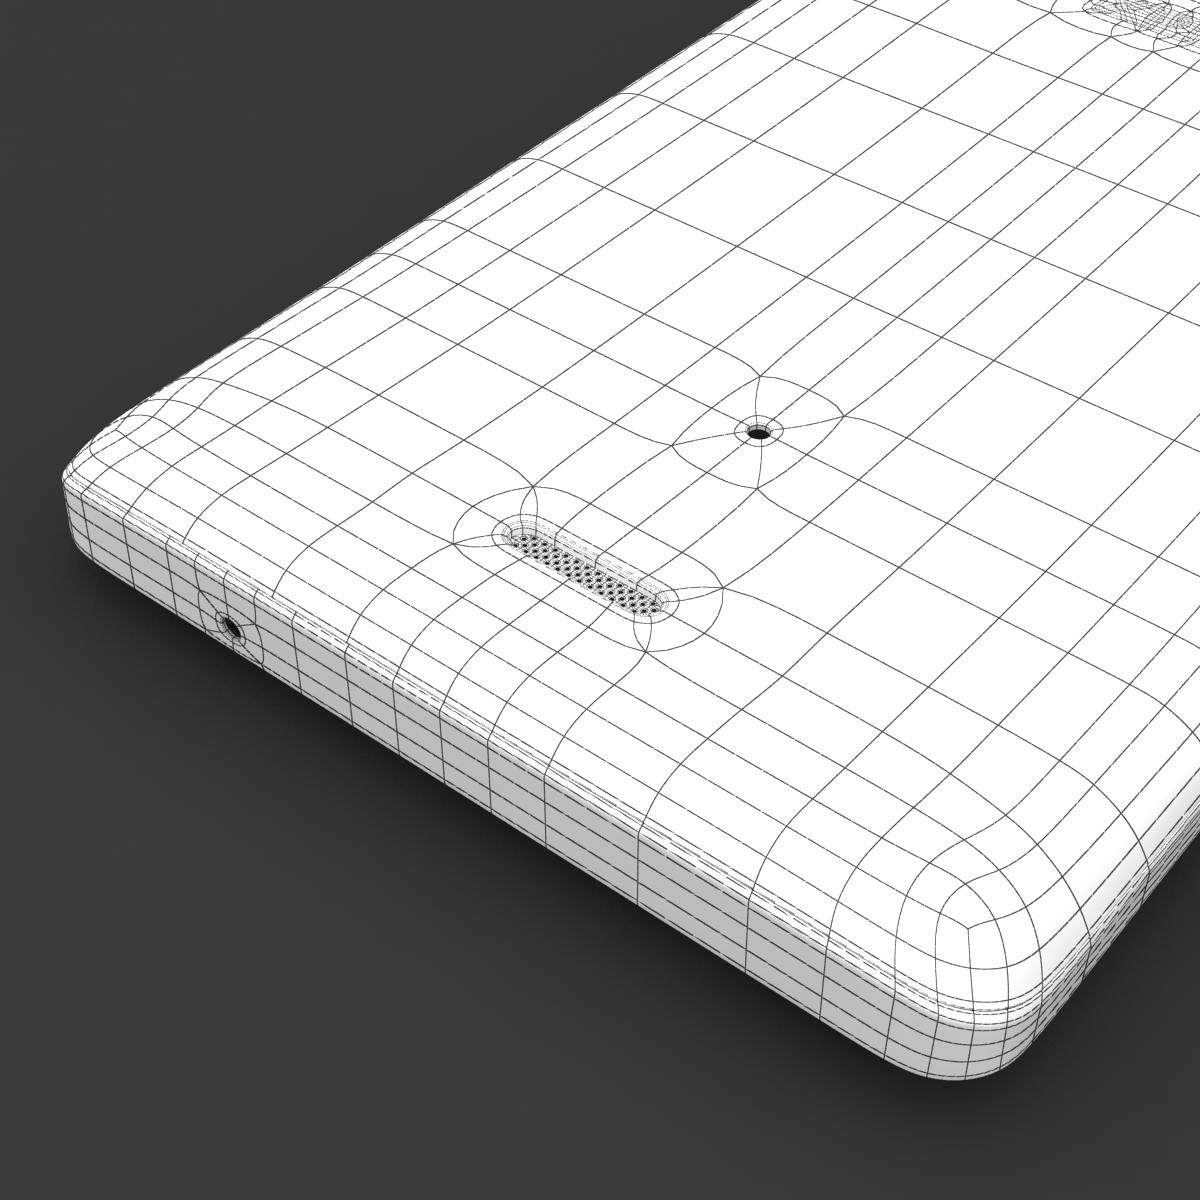 sony xperia v 3d model 3ds max fbx c4d lwo obj 151208